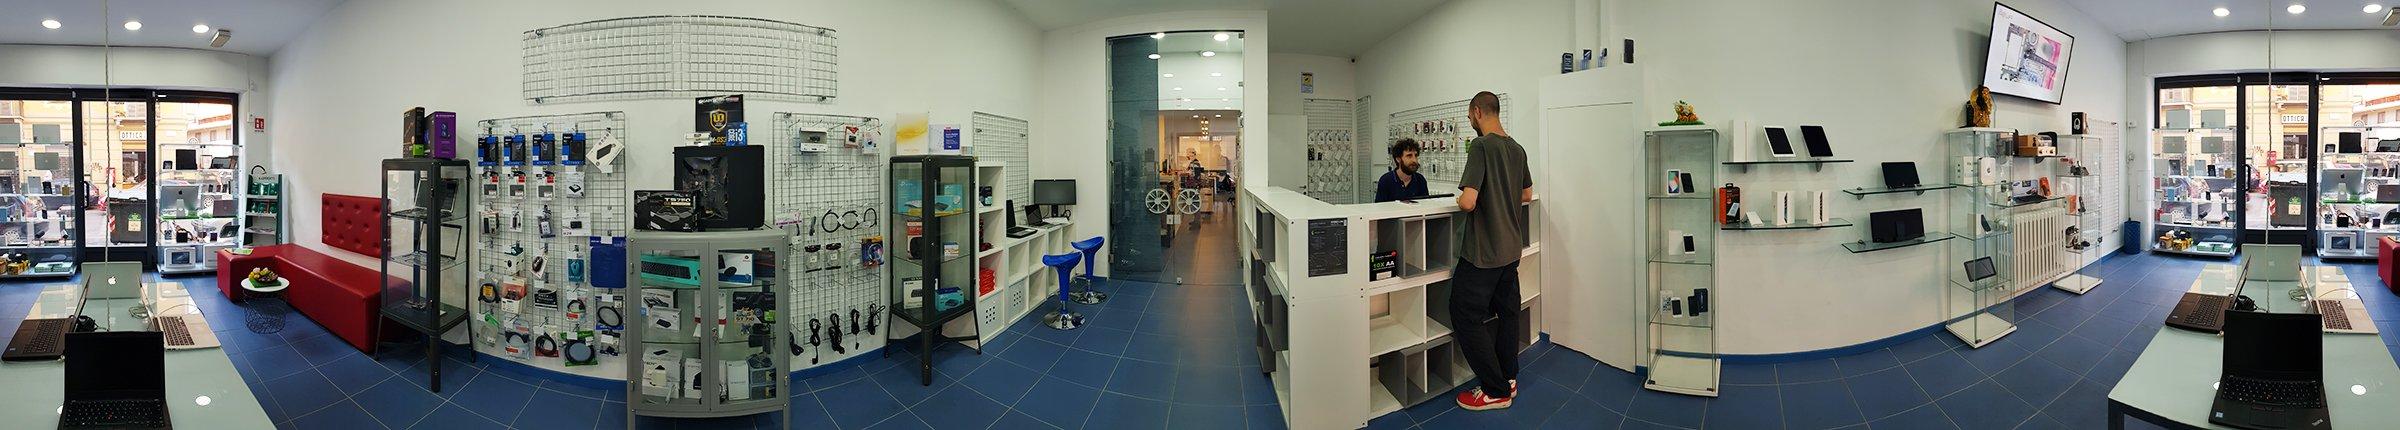 laboratorio di riparazione e assistenza computer e smartphone a Torino - Via San Paolo UnitechLab